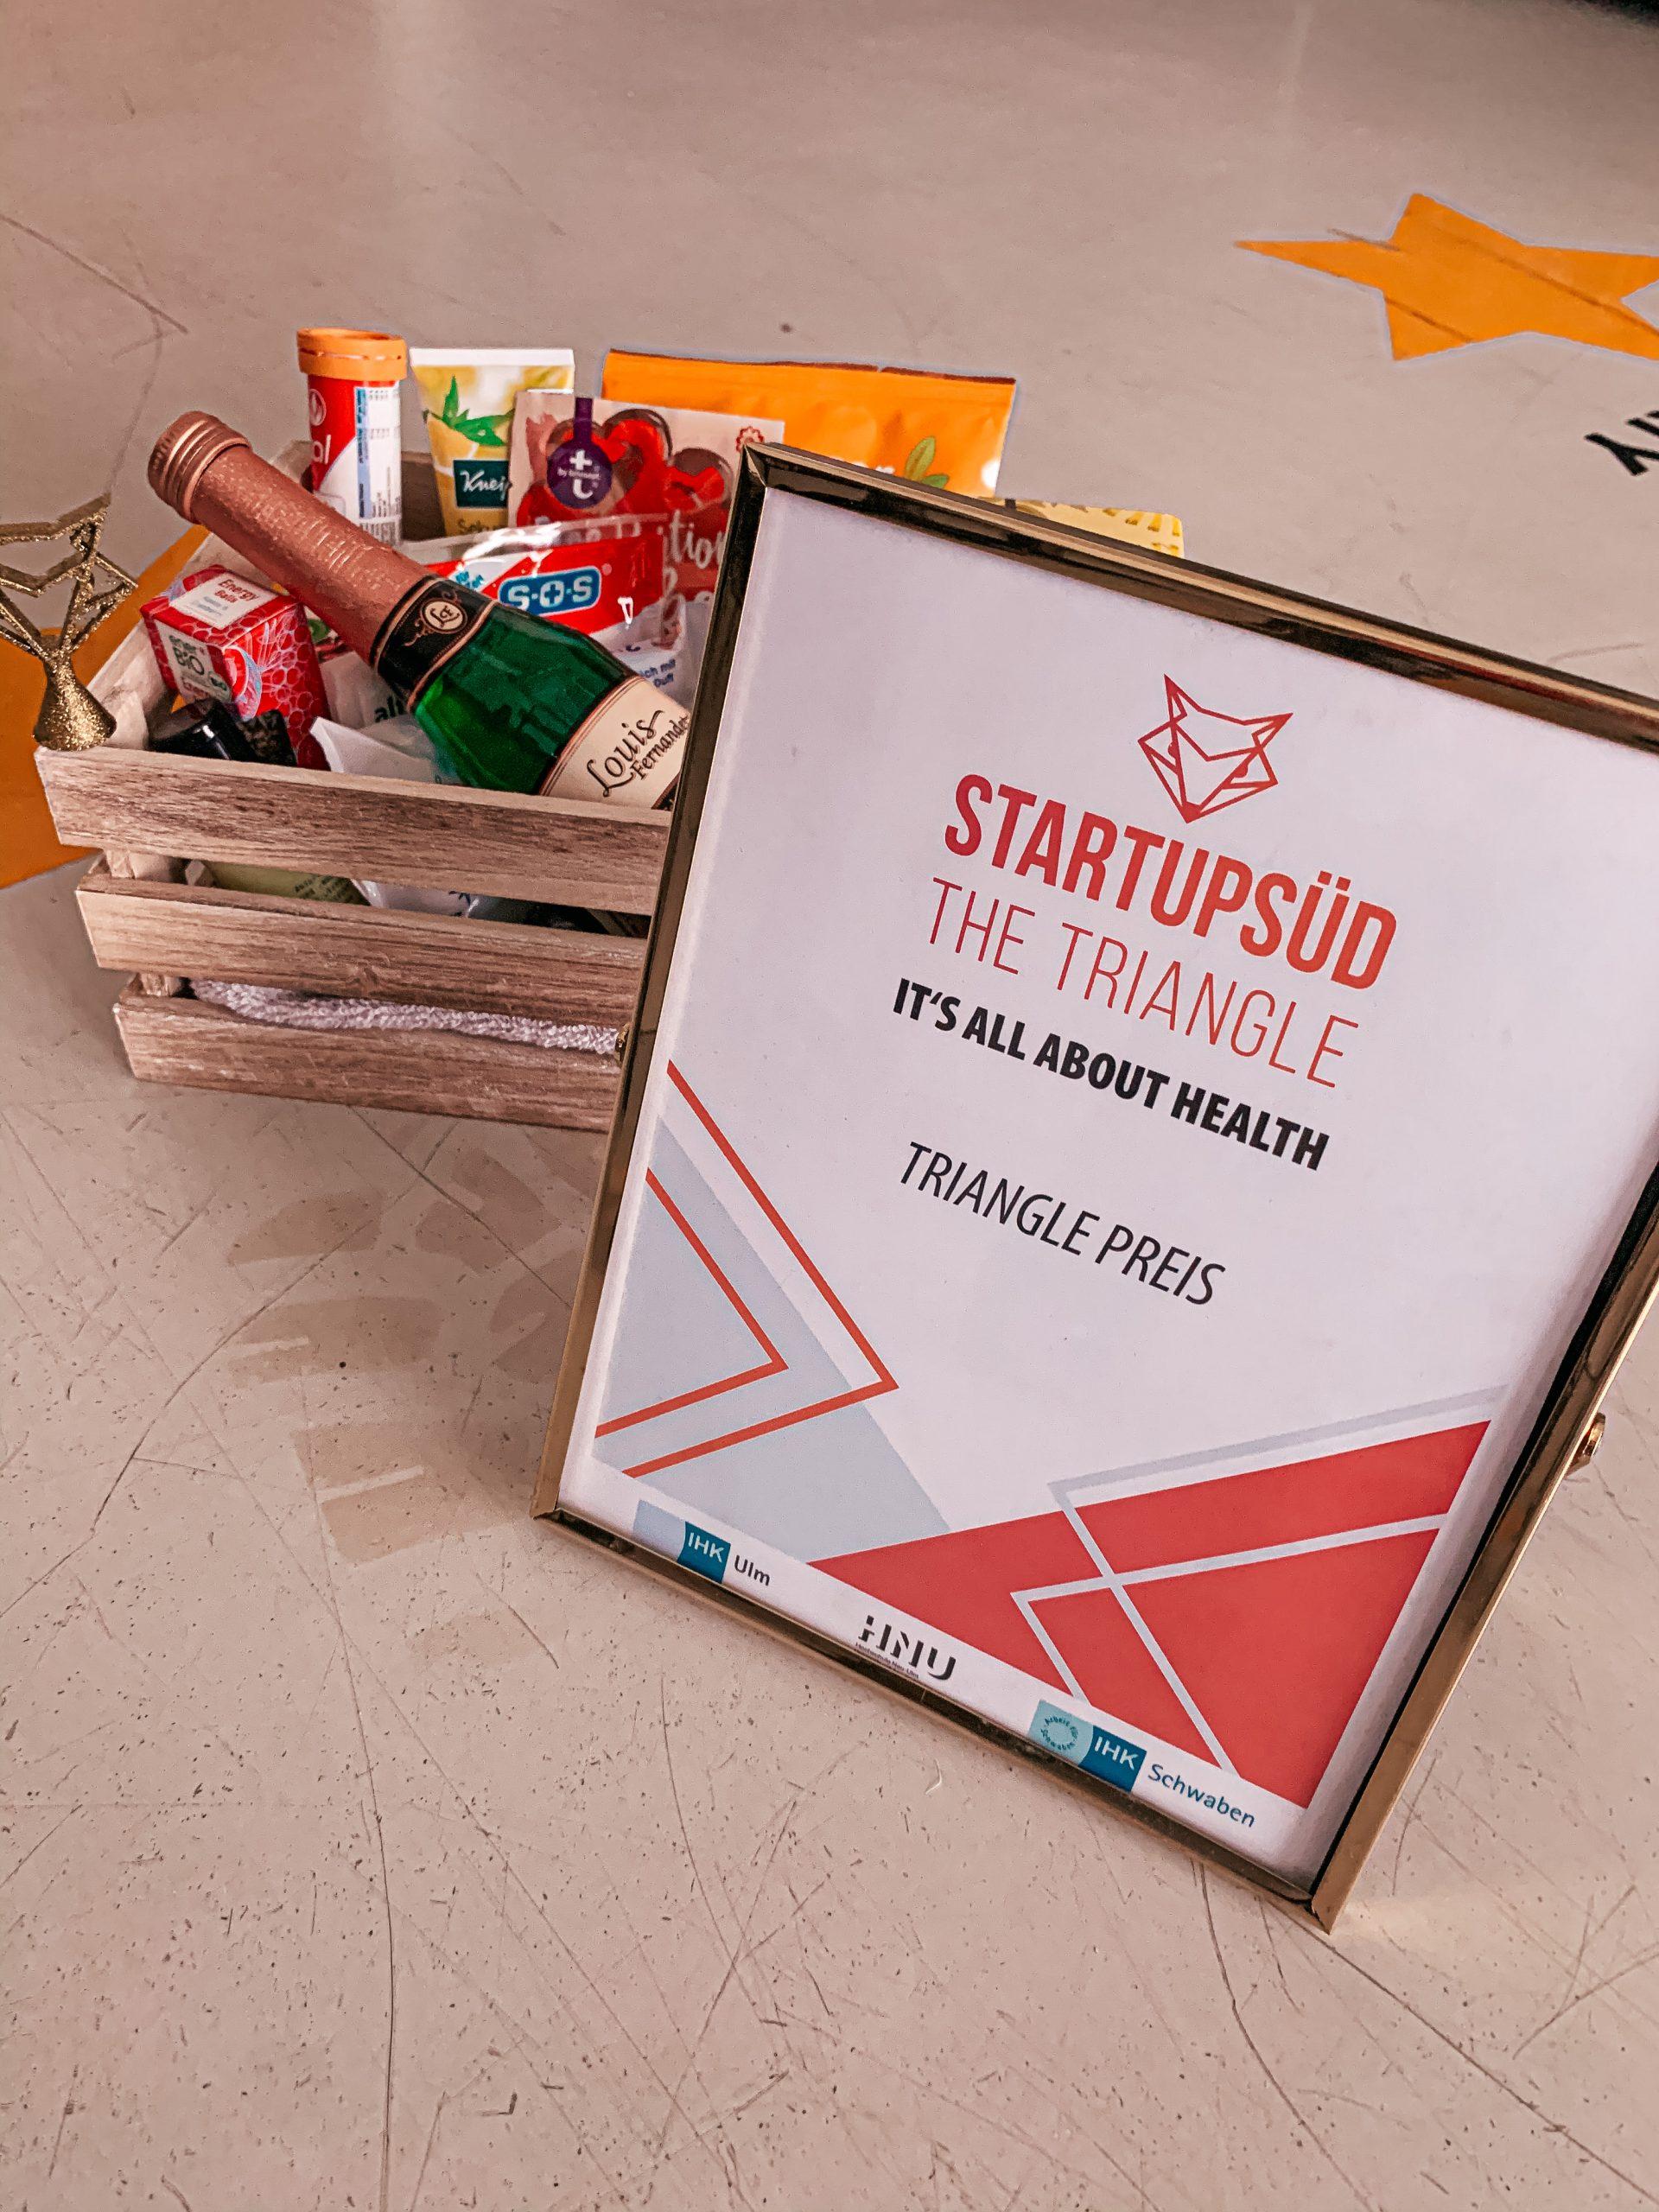 Triangle Preis der Kategorie Health - StartupSÜD